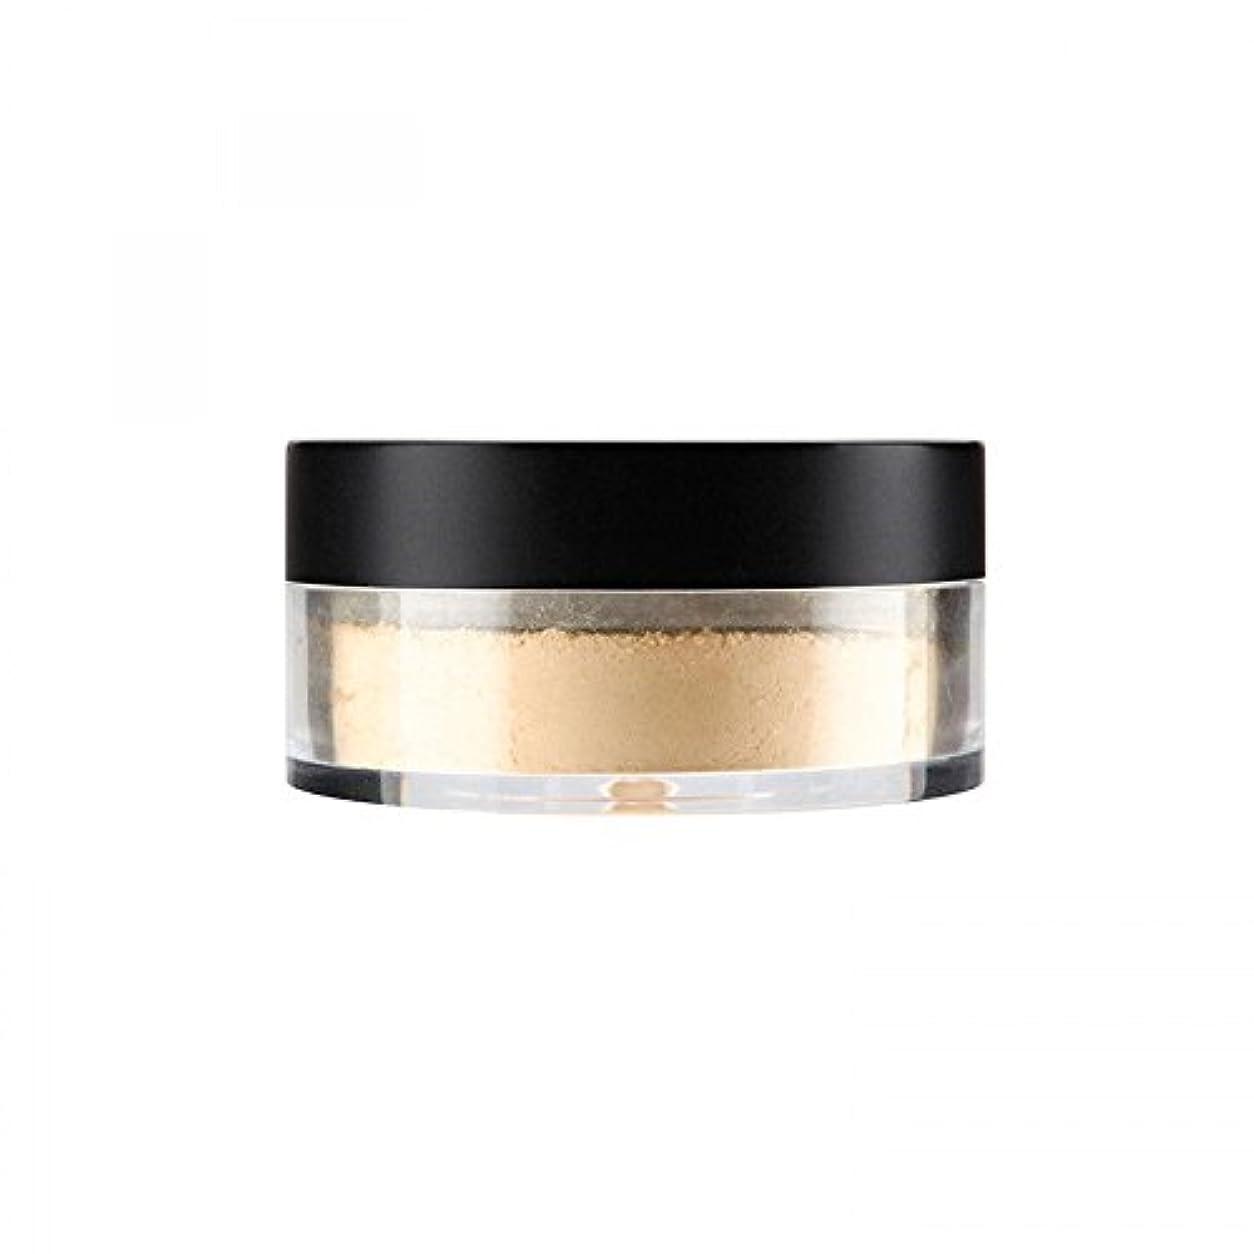 反対ゲートスムーズに(3 Pack) NICKA K Perfection Finishing Powder - NFP02 Medium (並行輸入品)